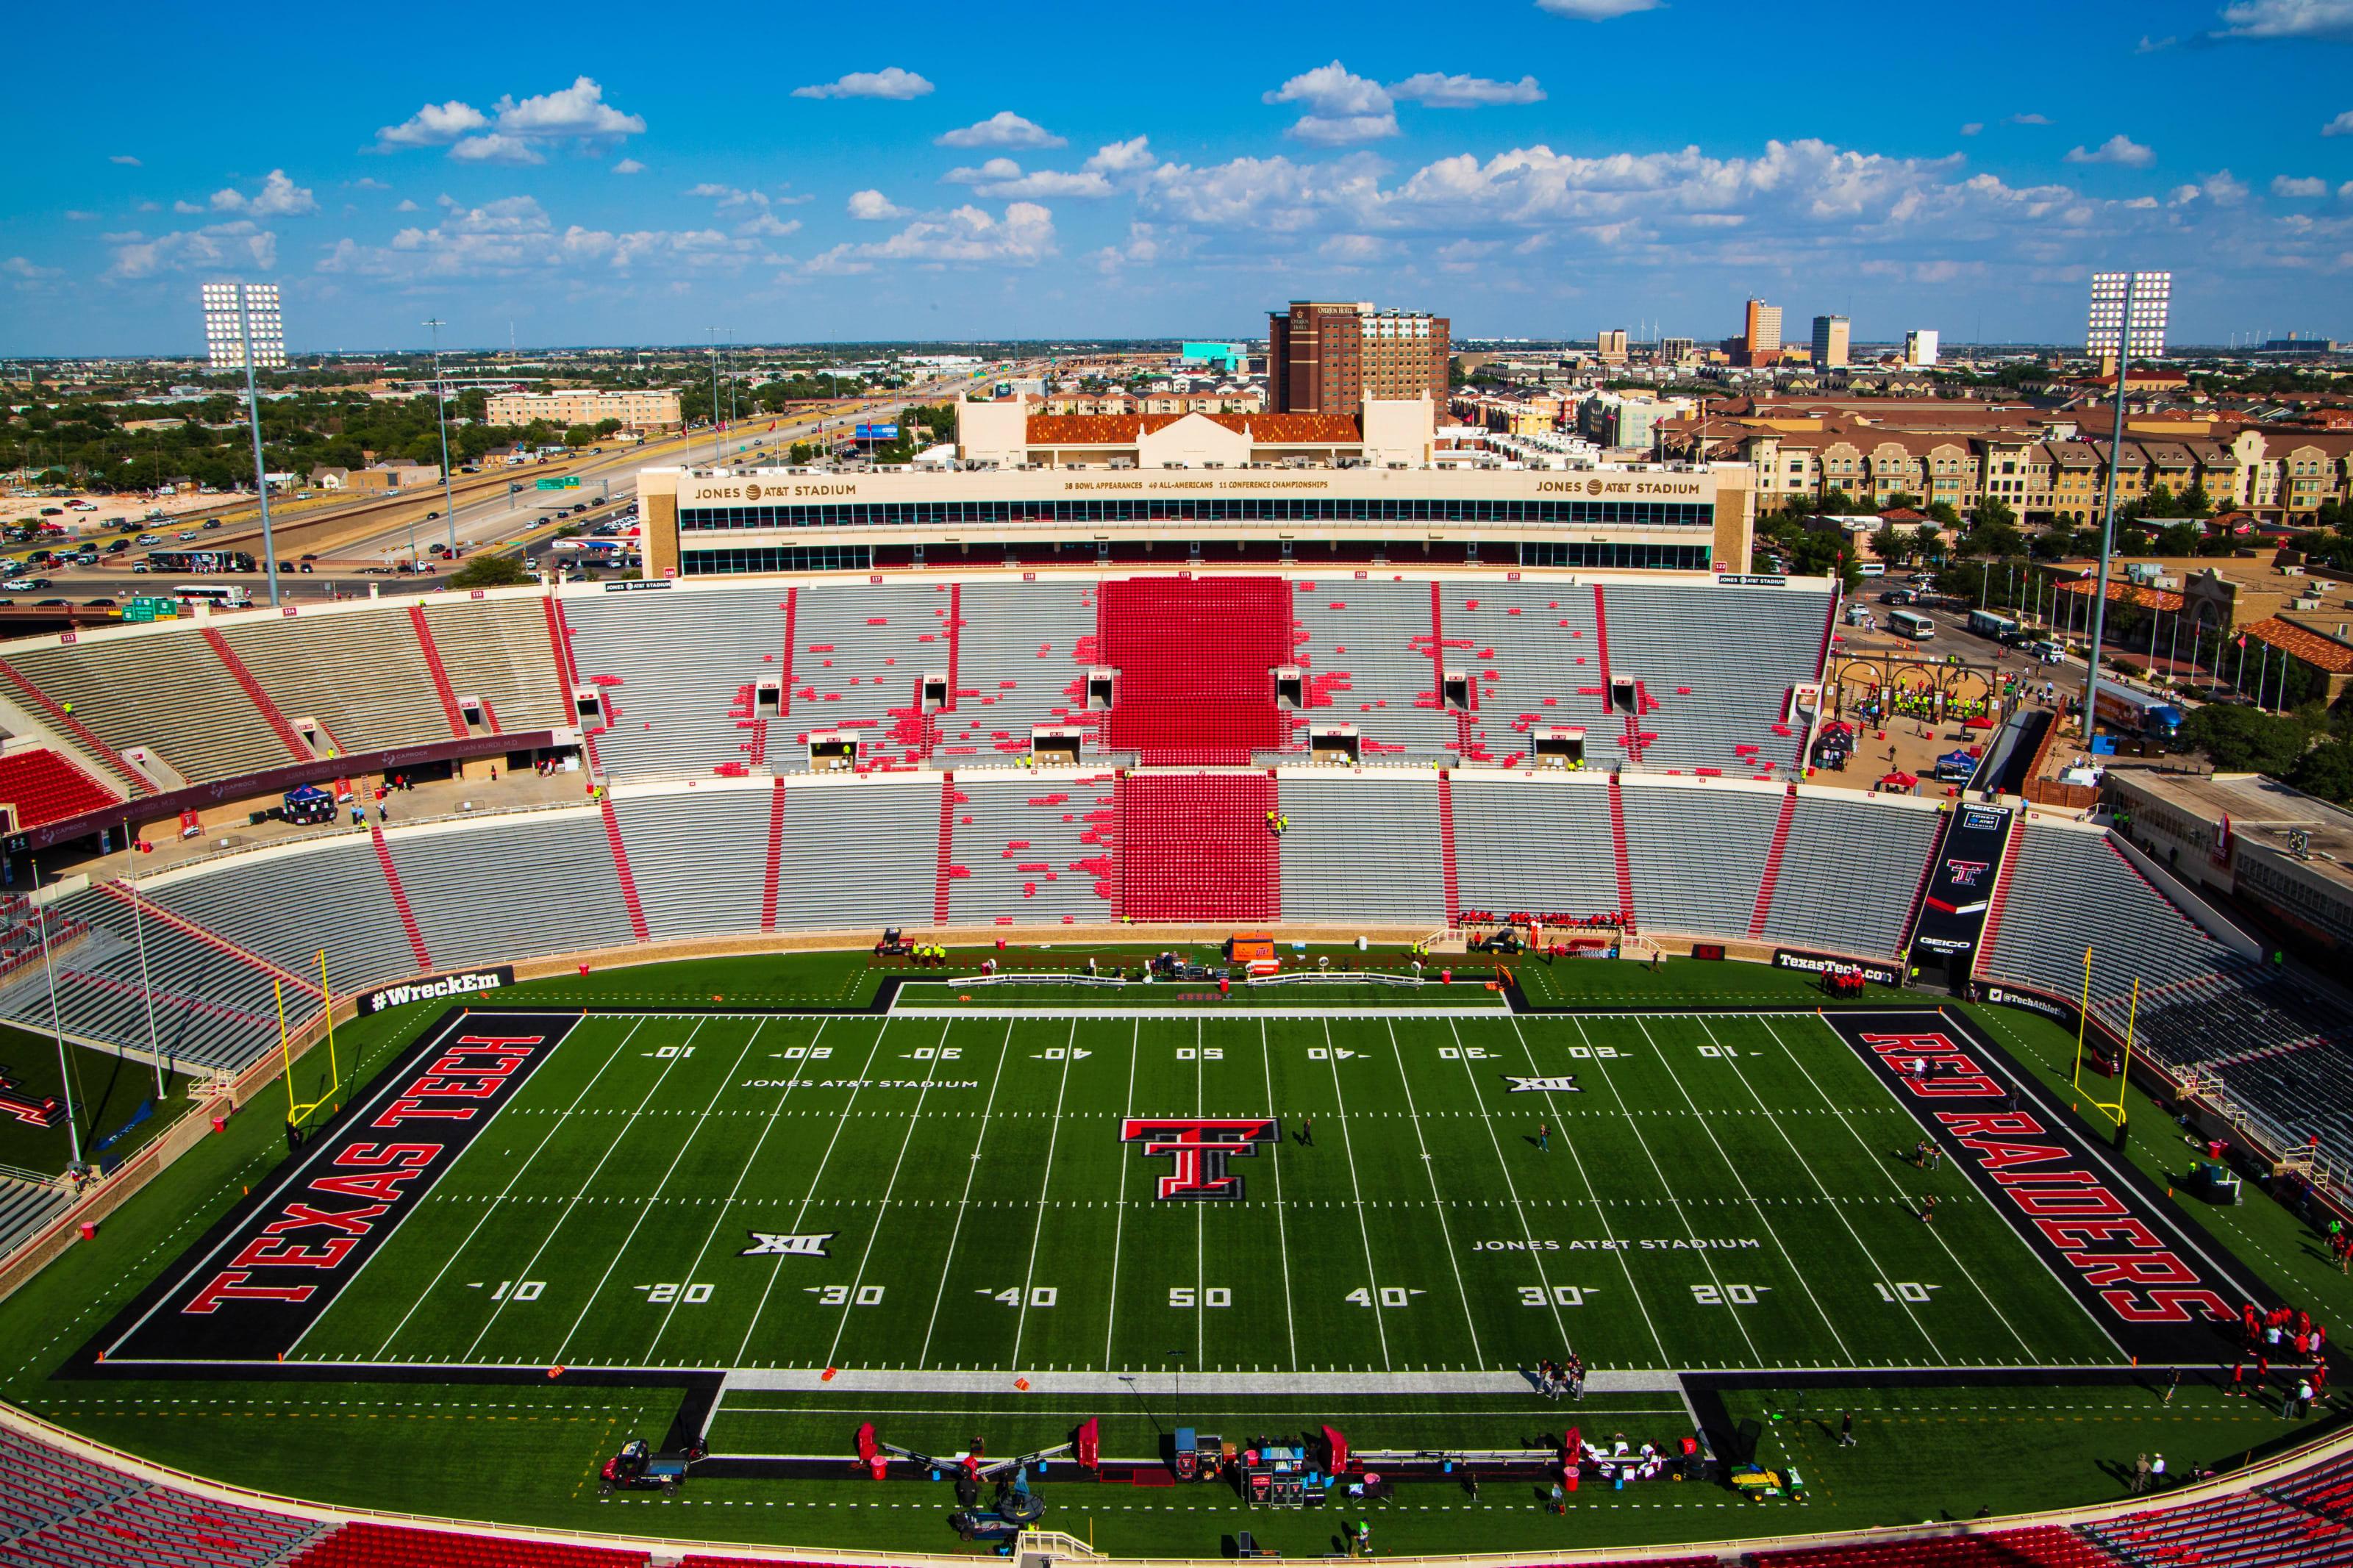 Texas Tech Football Matt Wells Needs 2020 Season Played As Scheduled Page 3